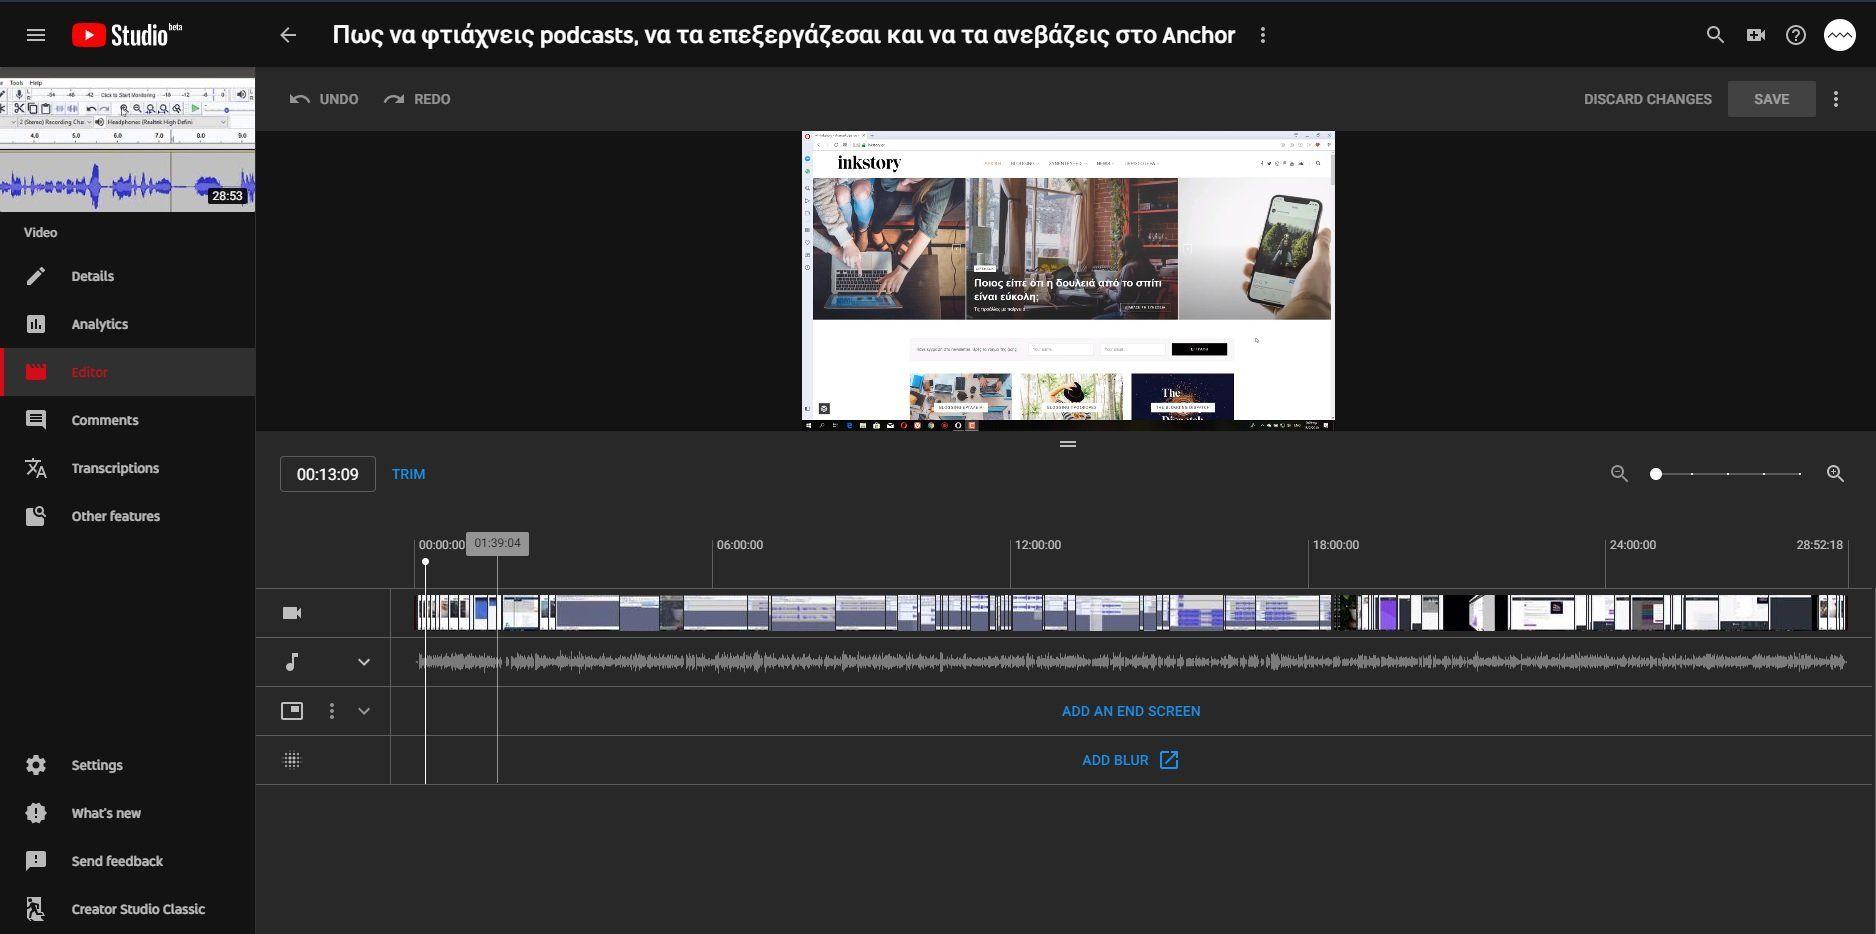 Επεξεργασία βίντεο για το YouTube: YouTube Video Editor